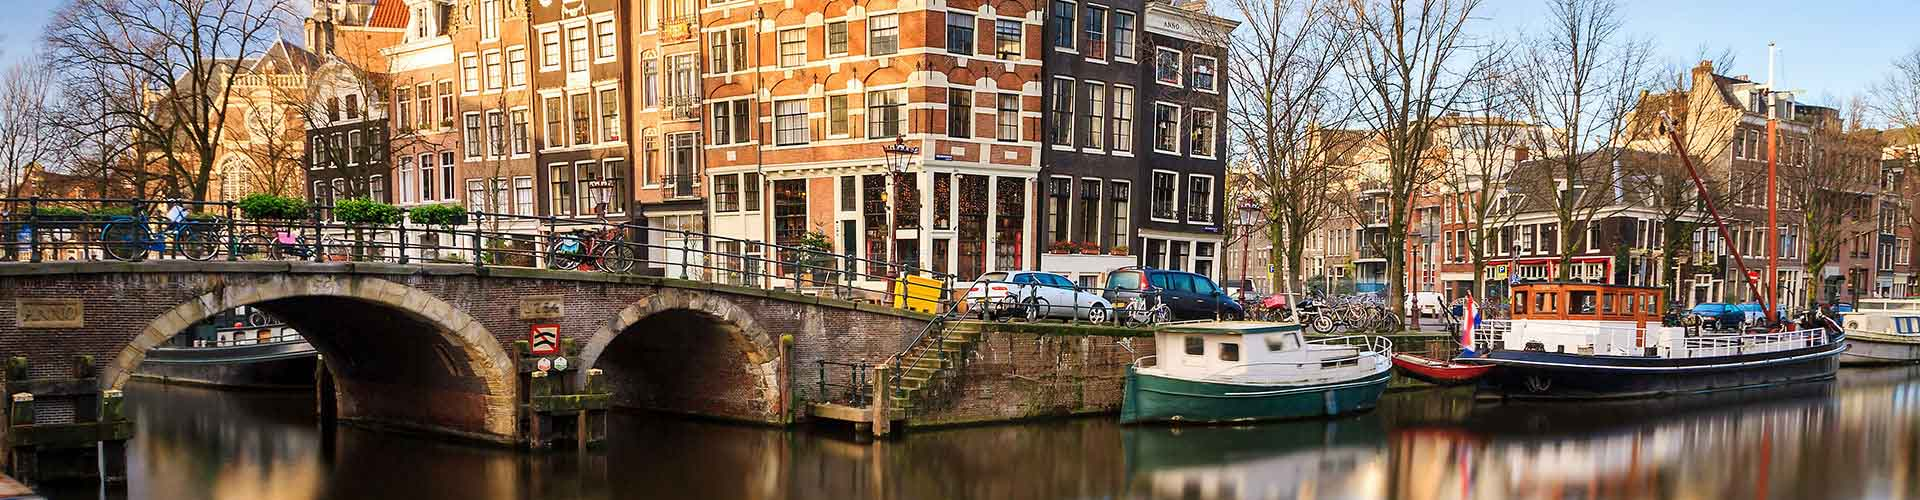 Amsterdam - Auberges de jeunesse près de Tropenmuseum. Cartes pour Amsterdam, photos et commentaires pour chaque auberge de jeunesse à Amsterdam.